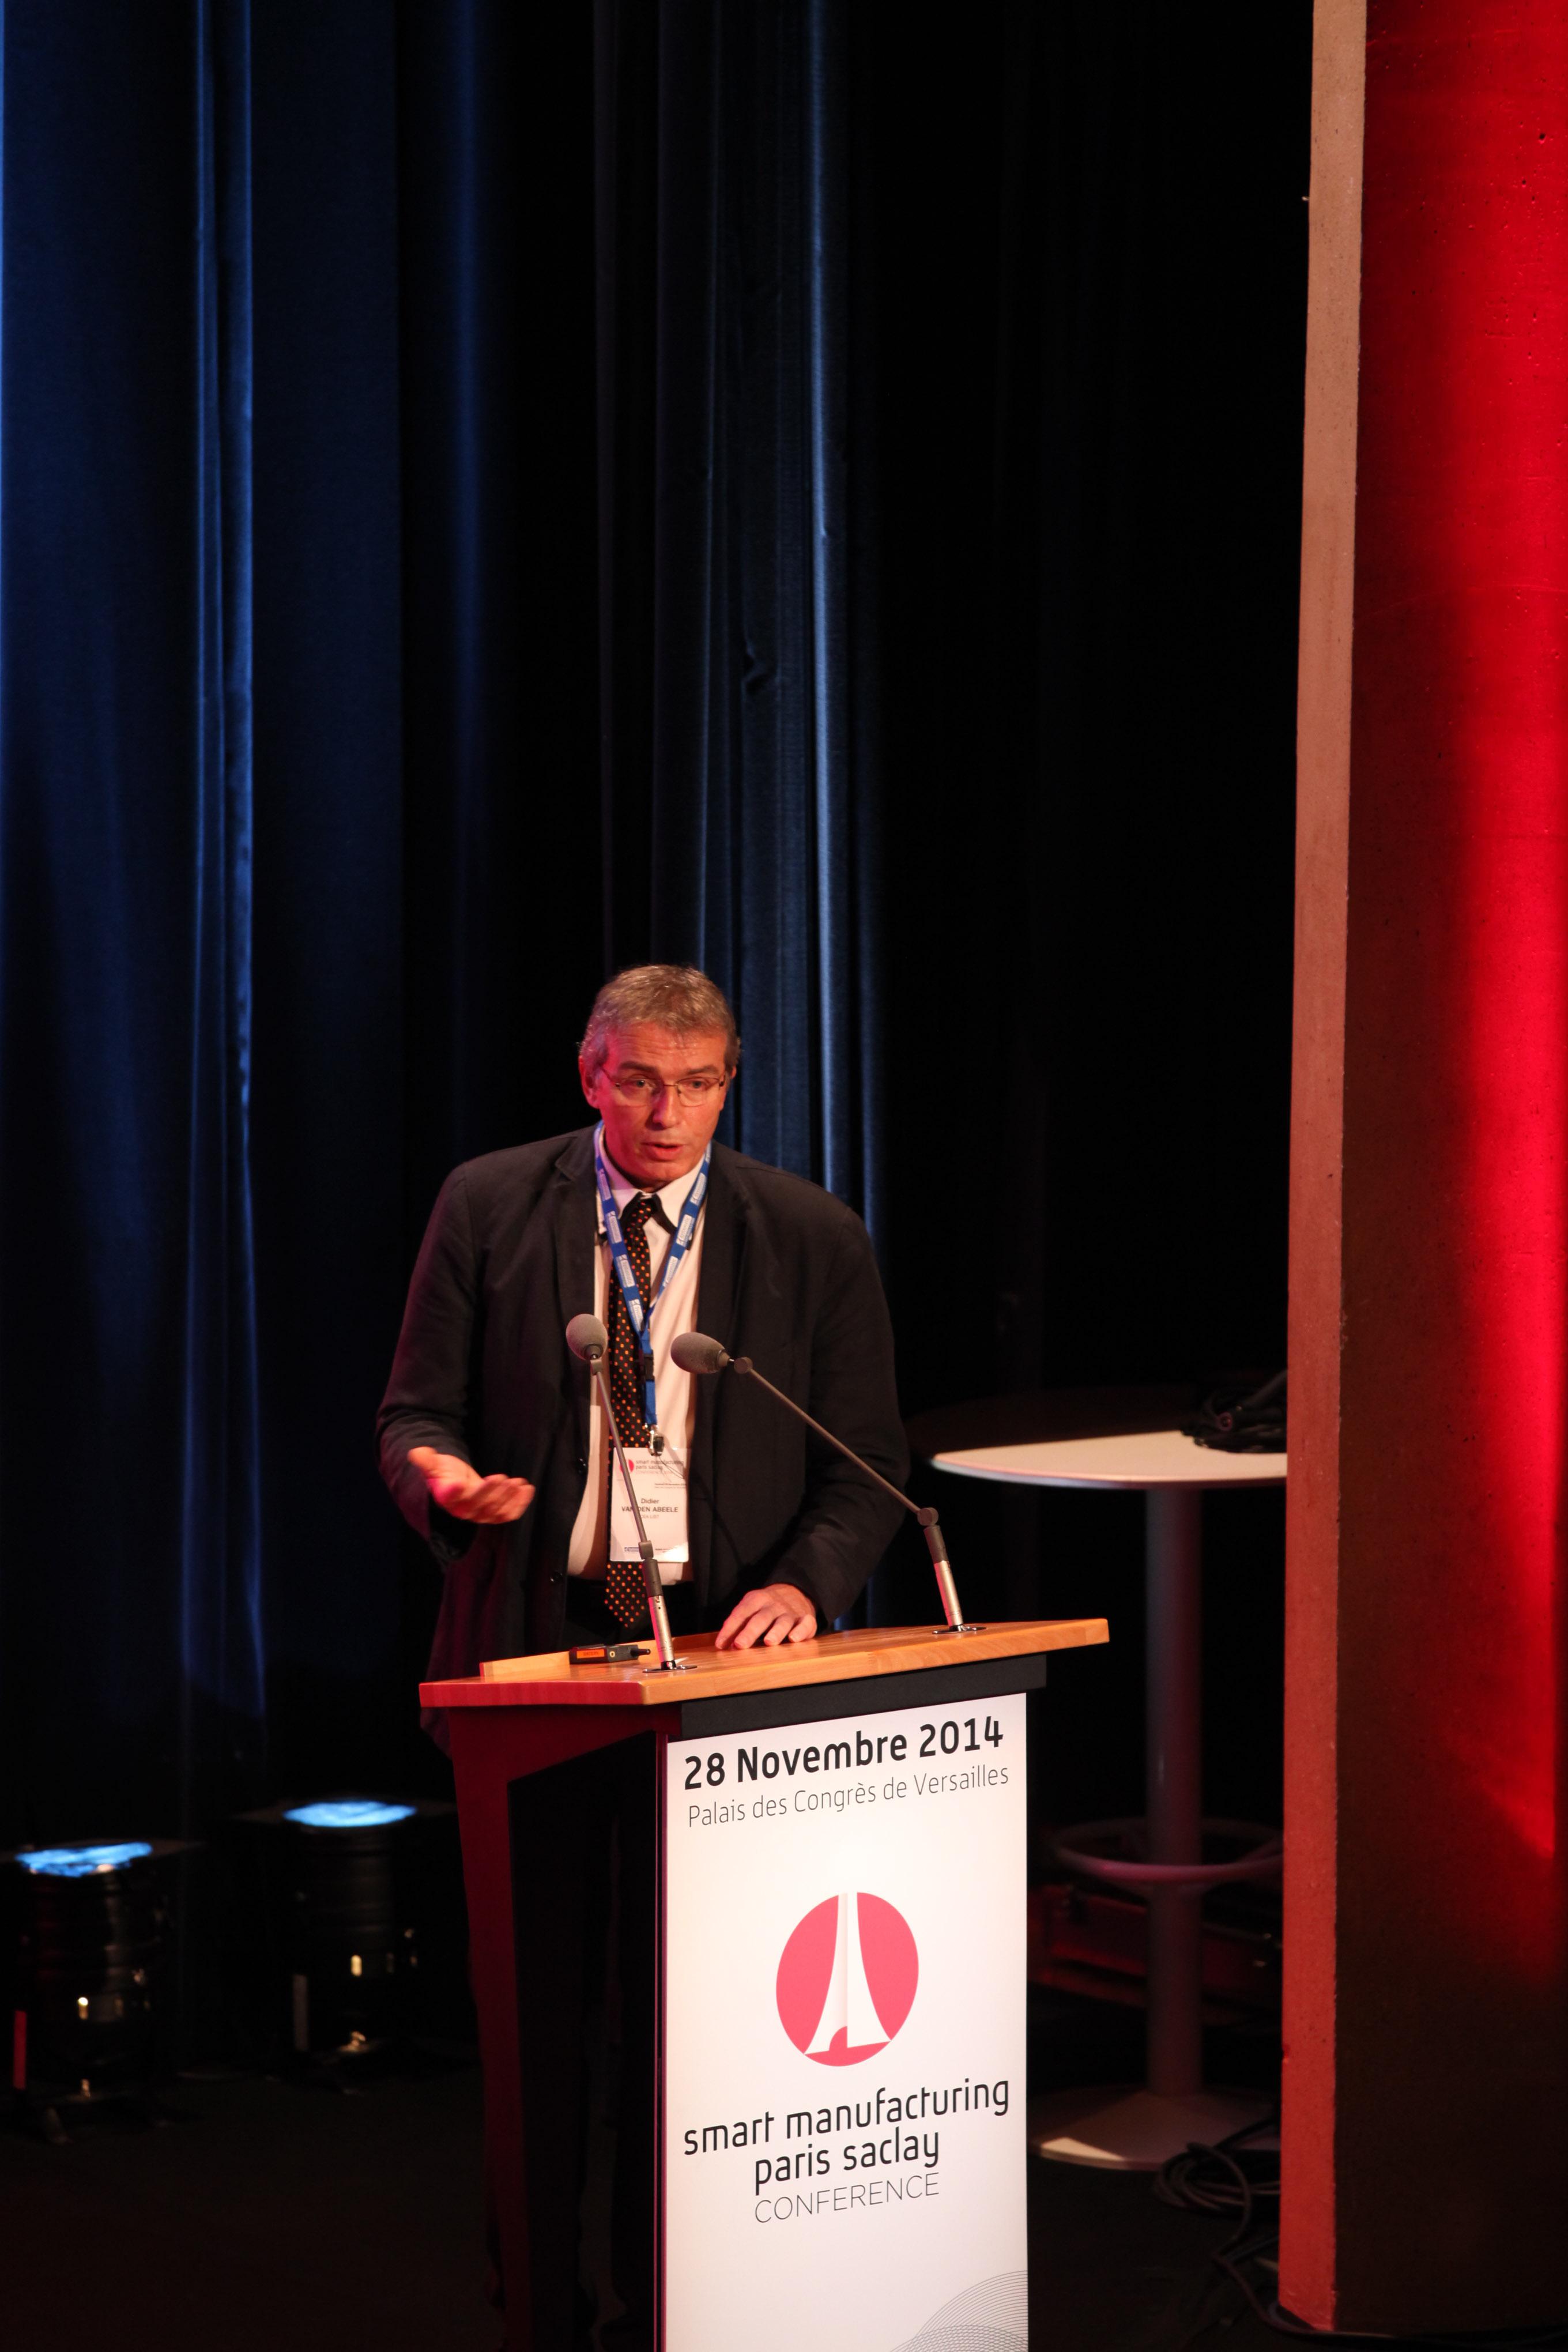 Didier Van Den Abeele